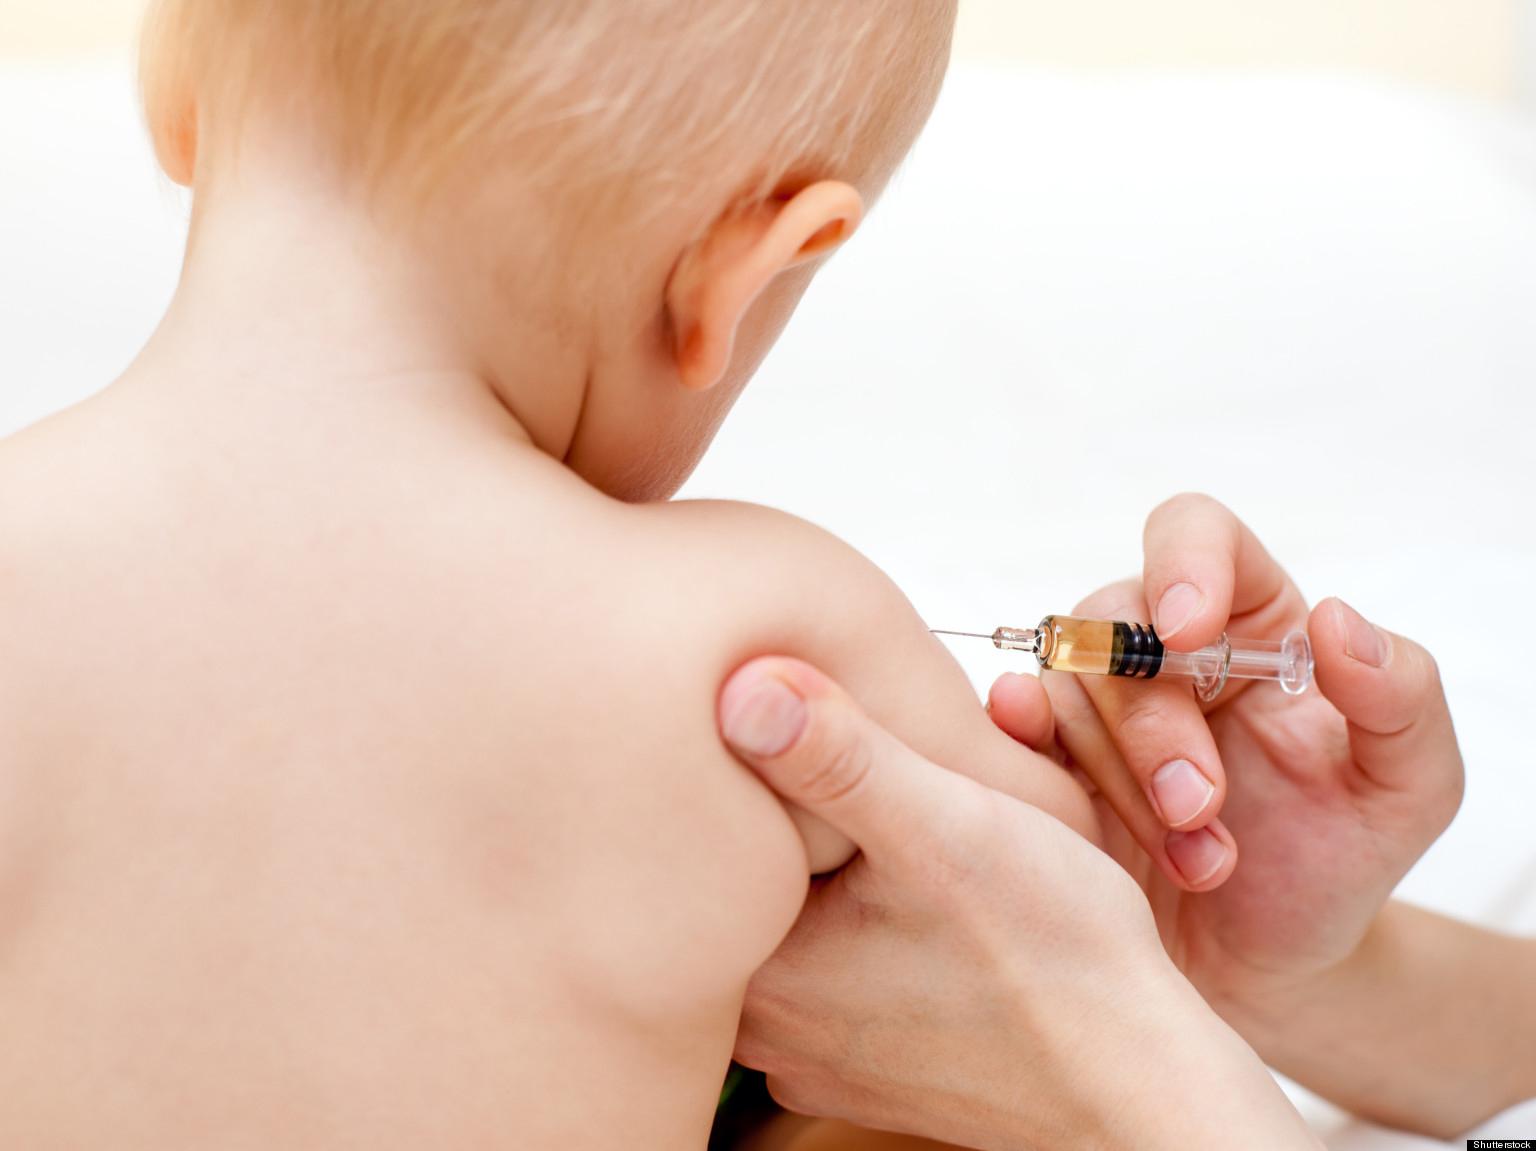 Vaccino sì o vaccino no? Una scelta importante per i genitori